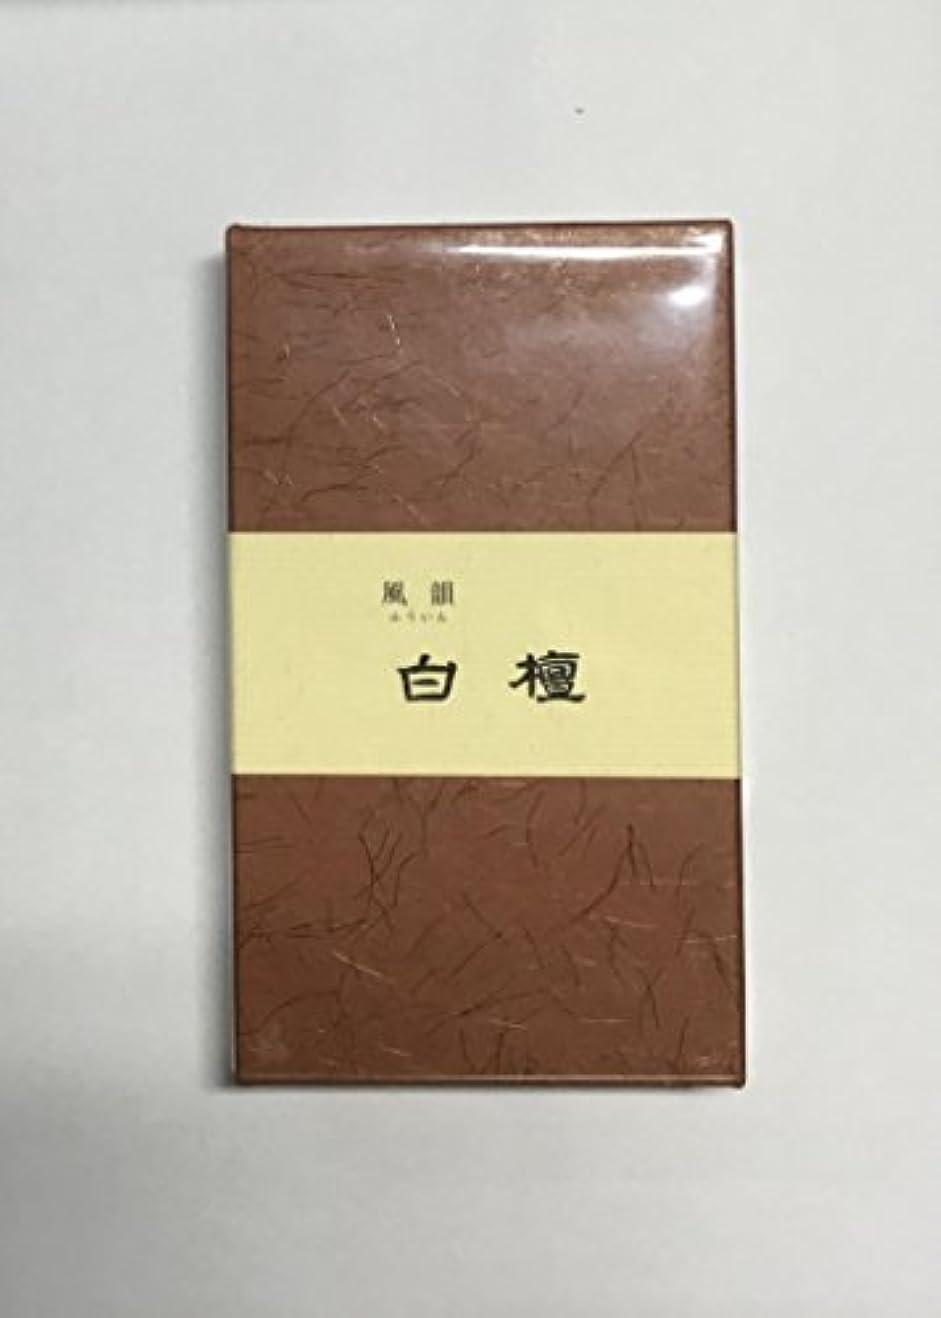 不快ファブリック栄養みのり苑 線香 風韻 白檀 短寸 天然香料 (100 グラム)